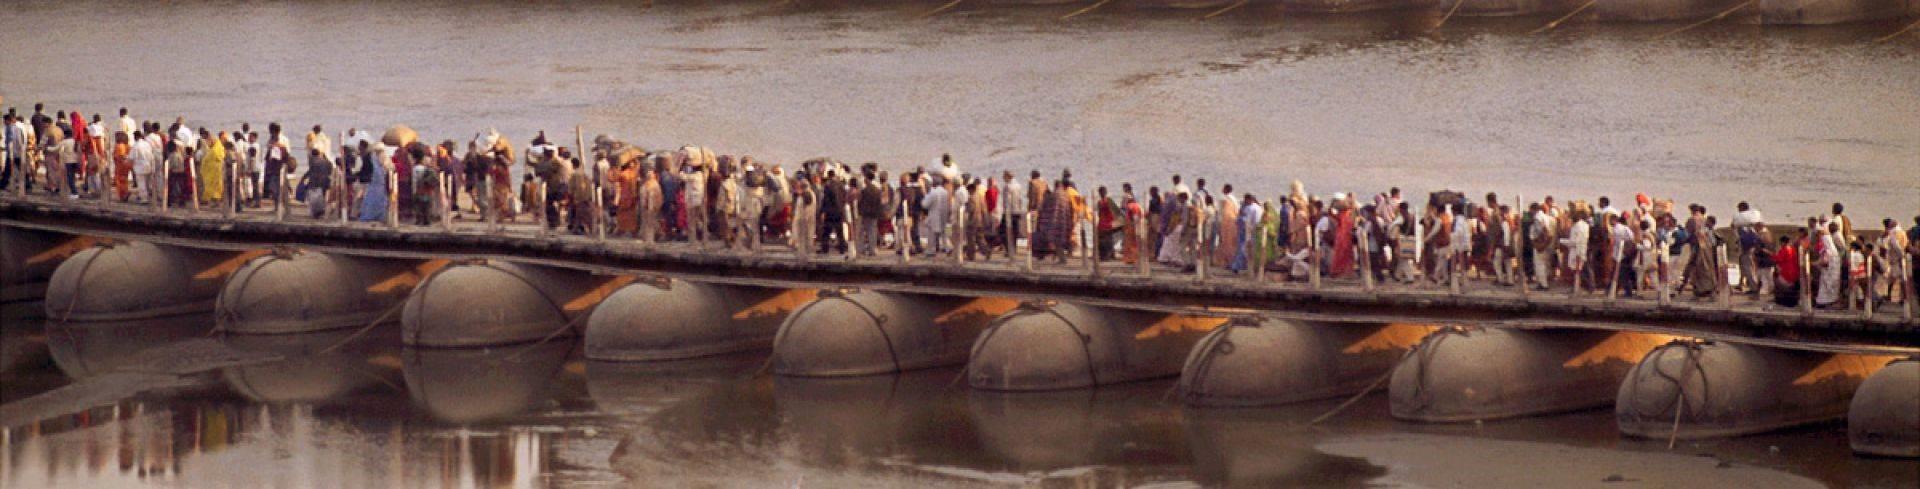 הודו - על פסטיבל הקומבה מלה